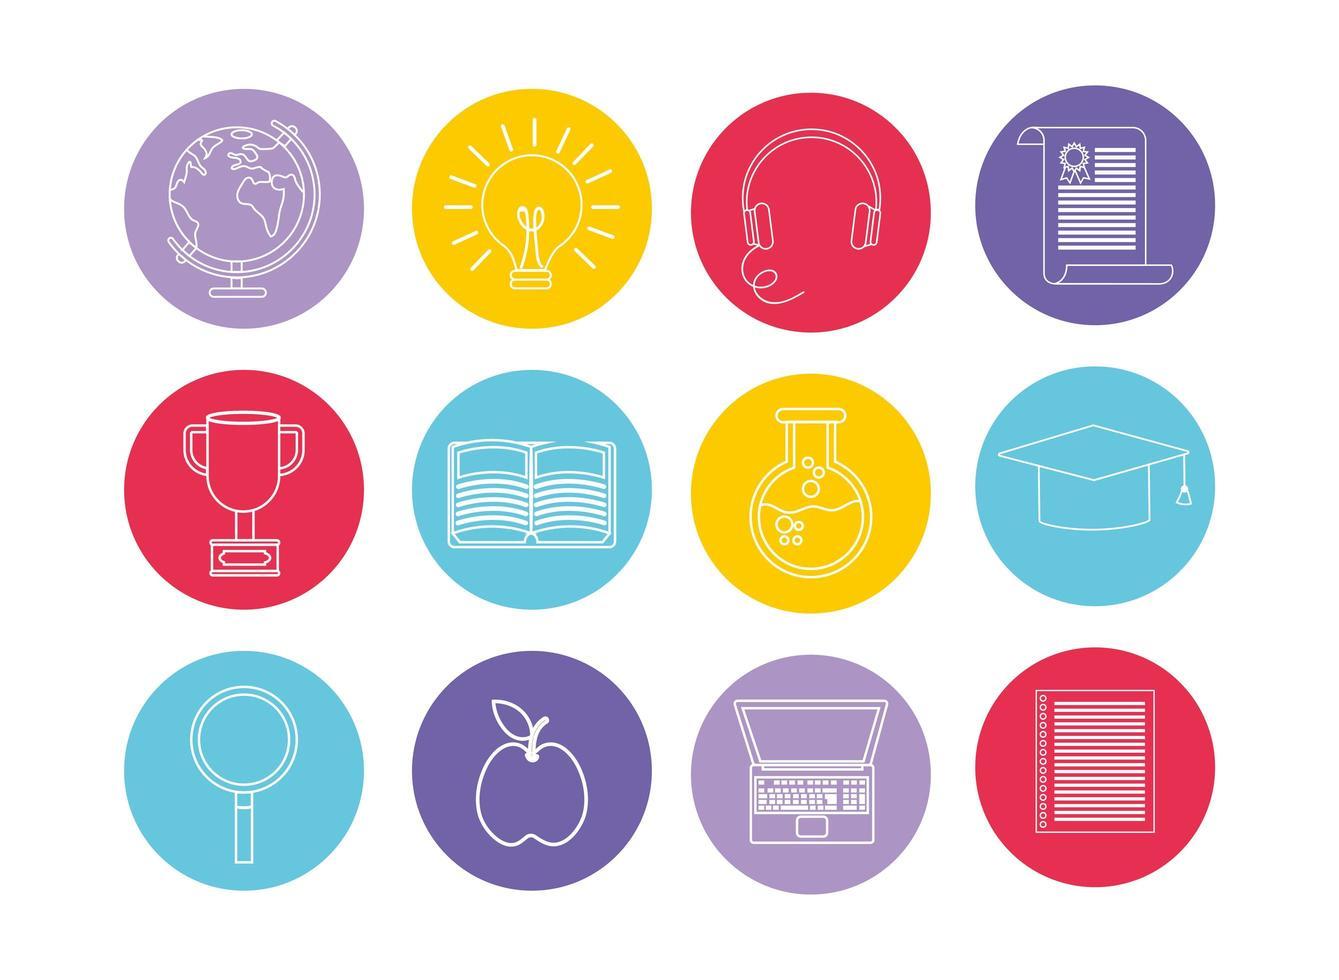 Ensemble d'icônes d'éducation et d'apprentissage vecteur